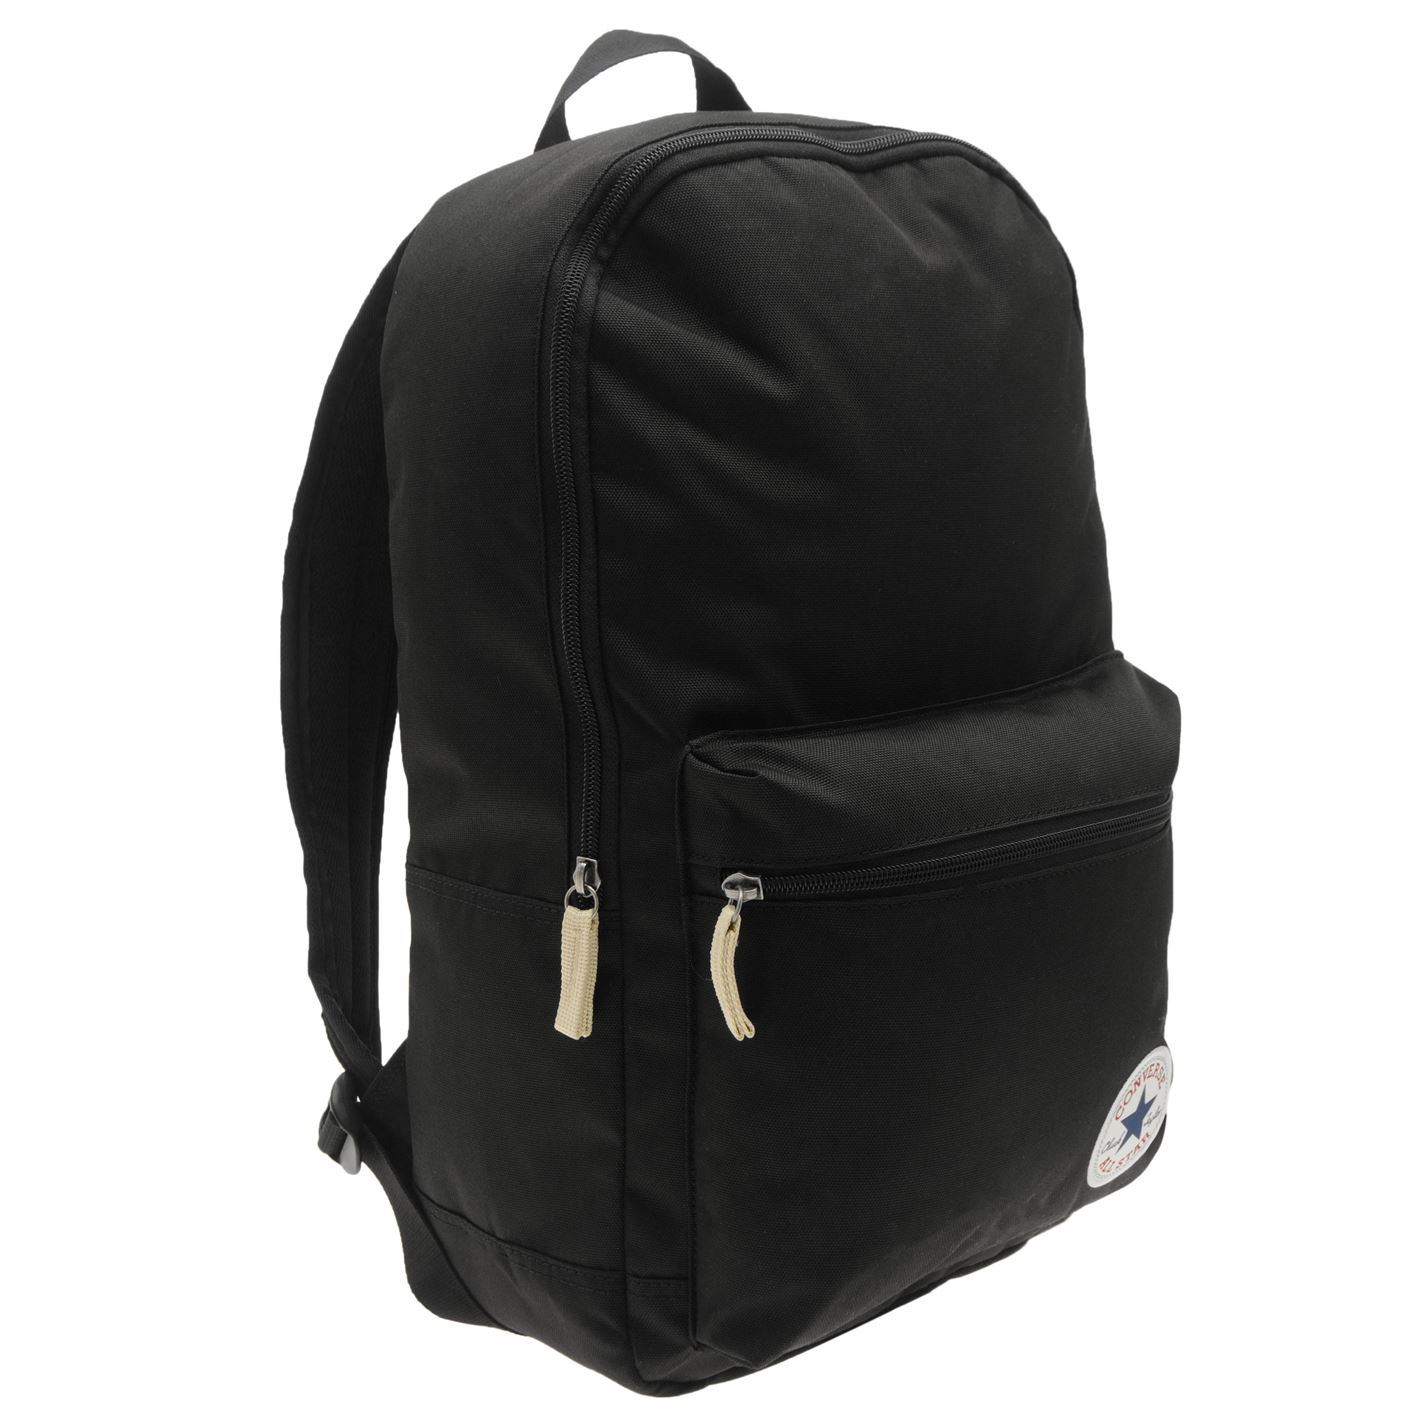 34e8af96c31a Converse Poly Backpack Black Rucksack Sports Bag Gymbag Kitbag